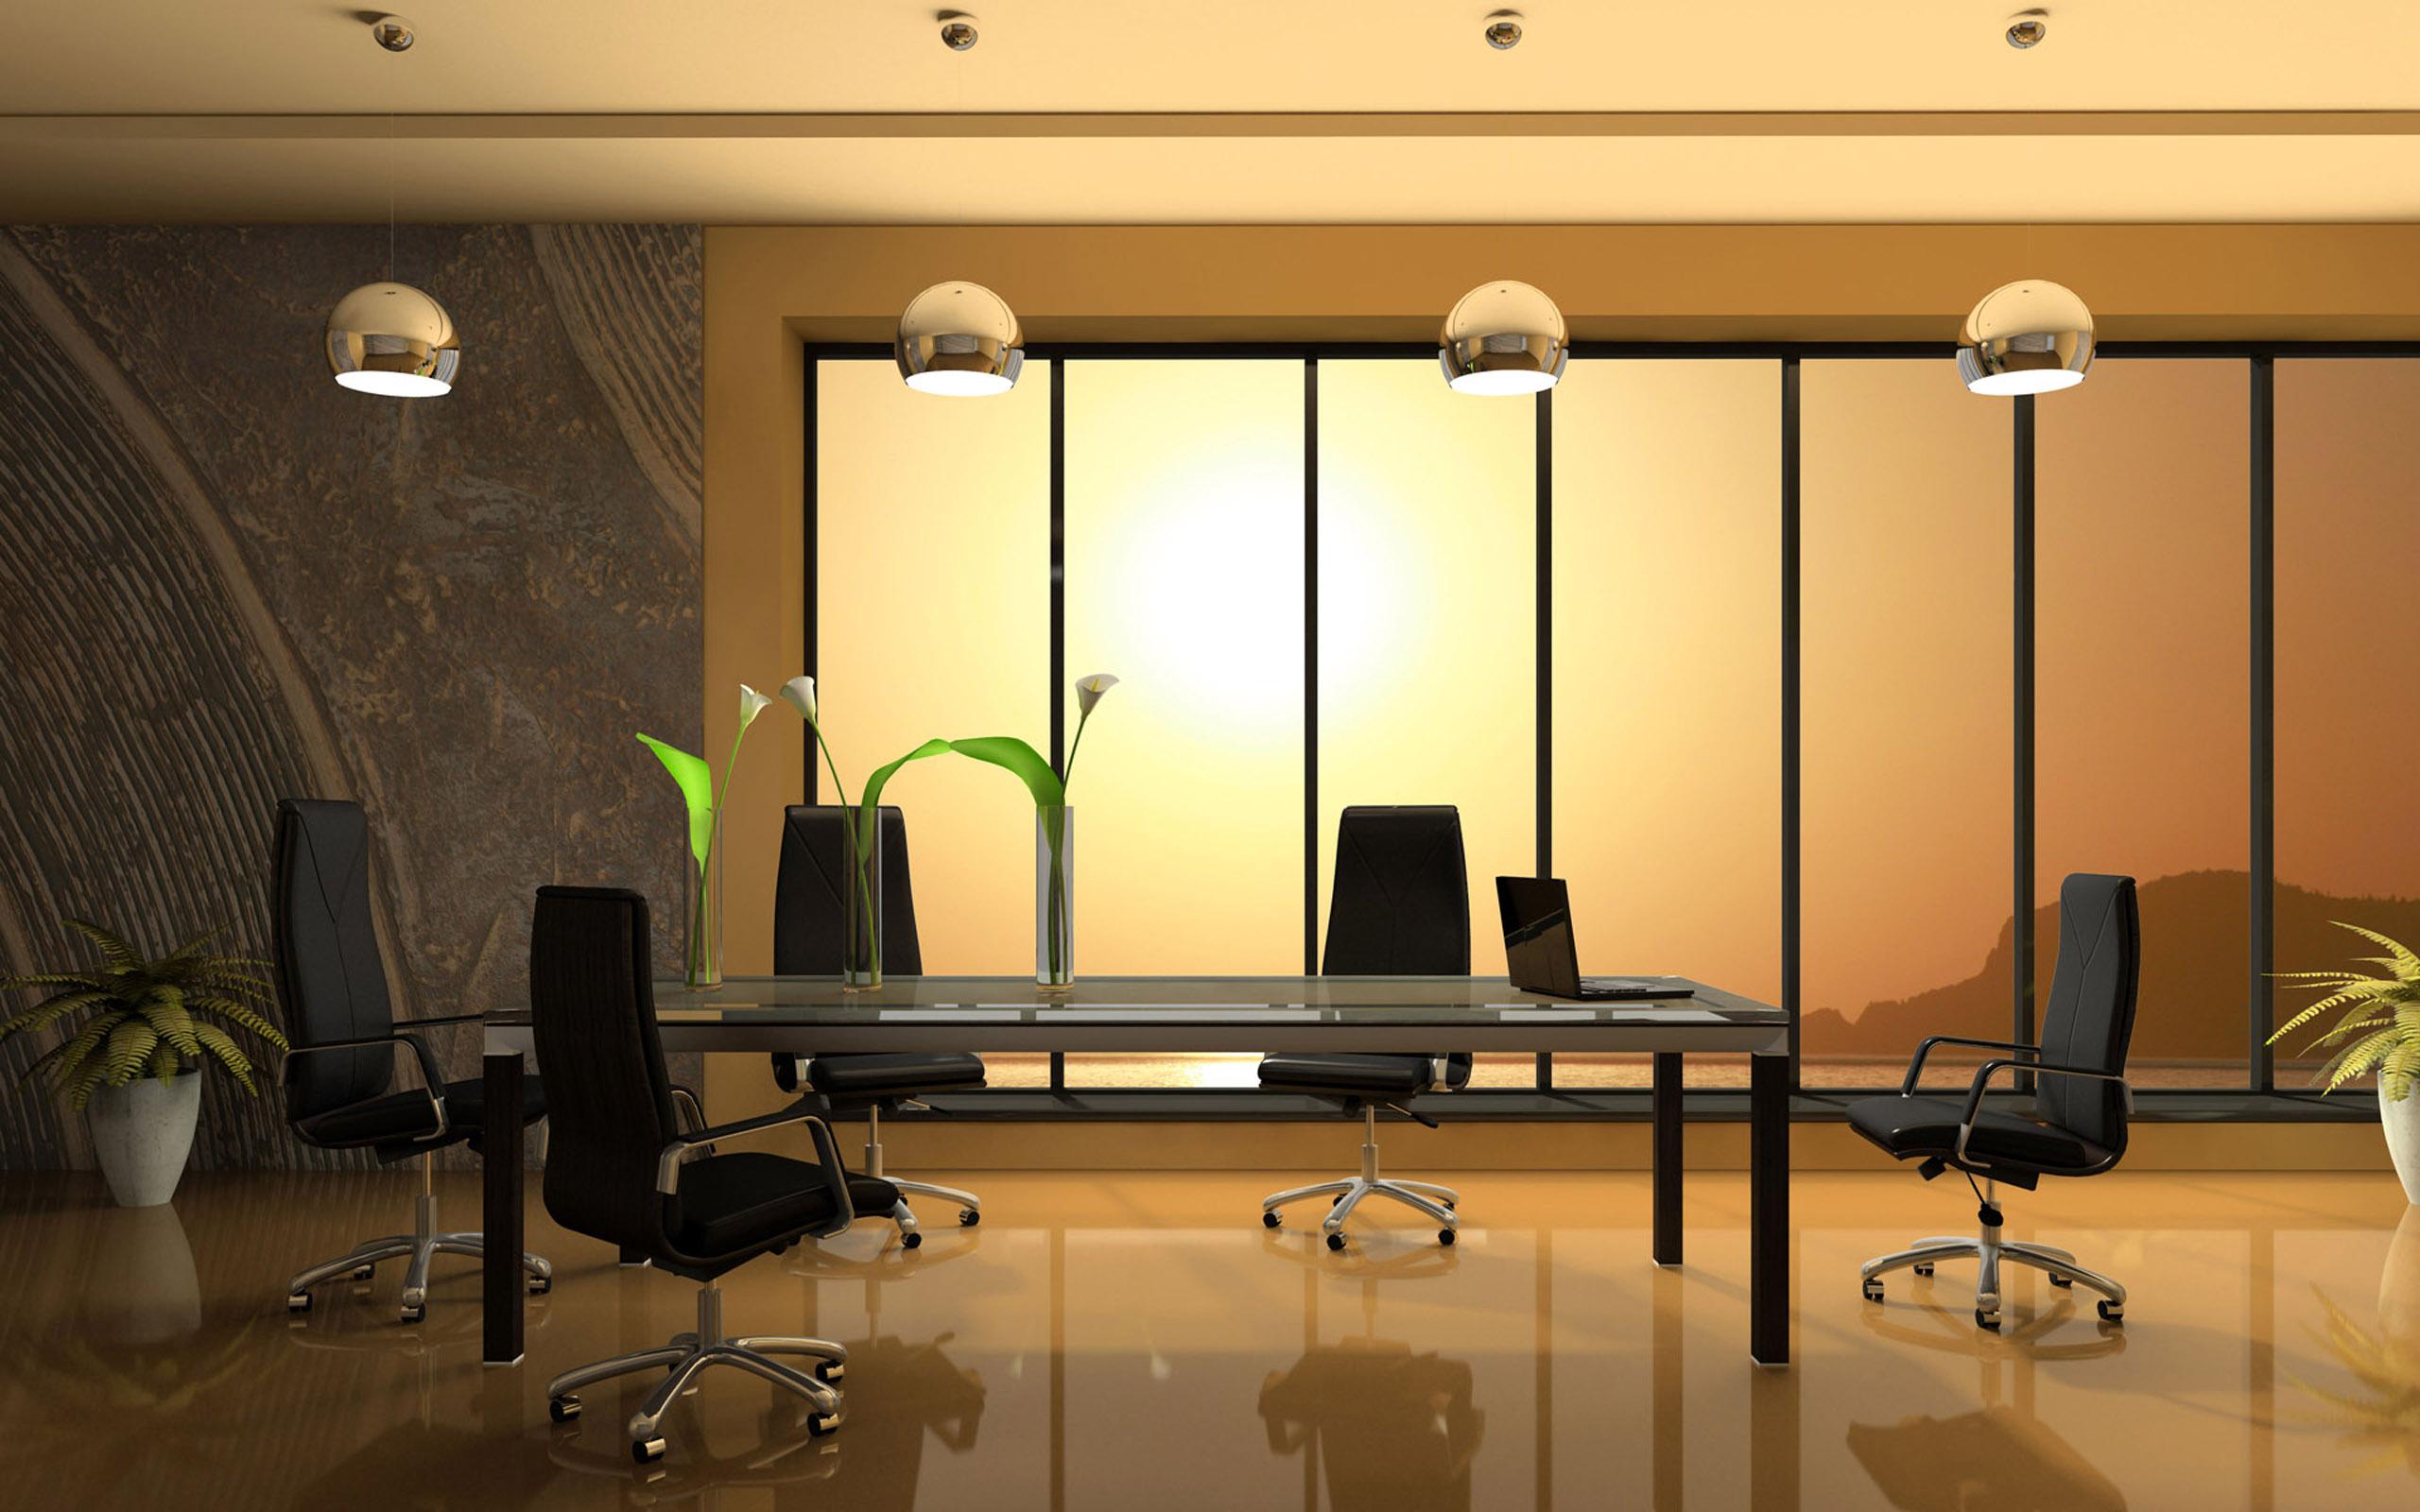 furniture wallpaper office desktop wallpaper ideas designs wallpapers 2560x1600